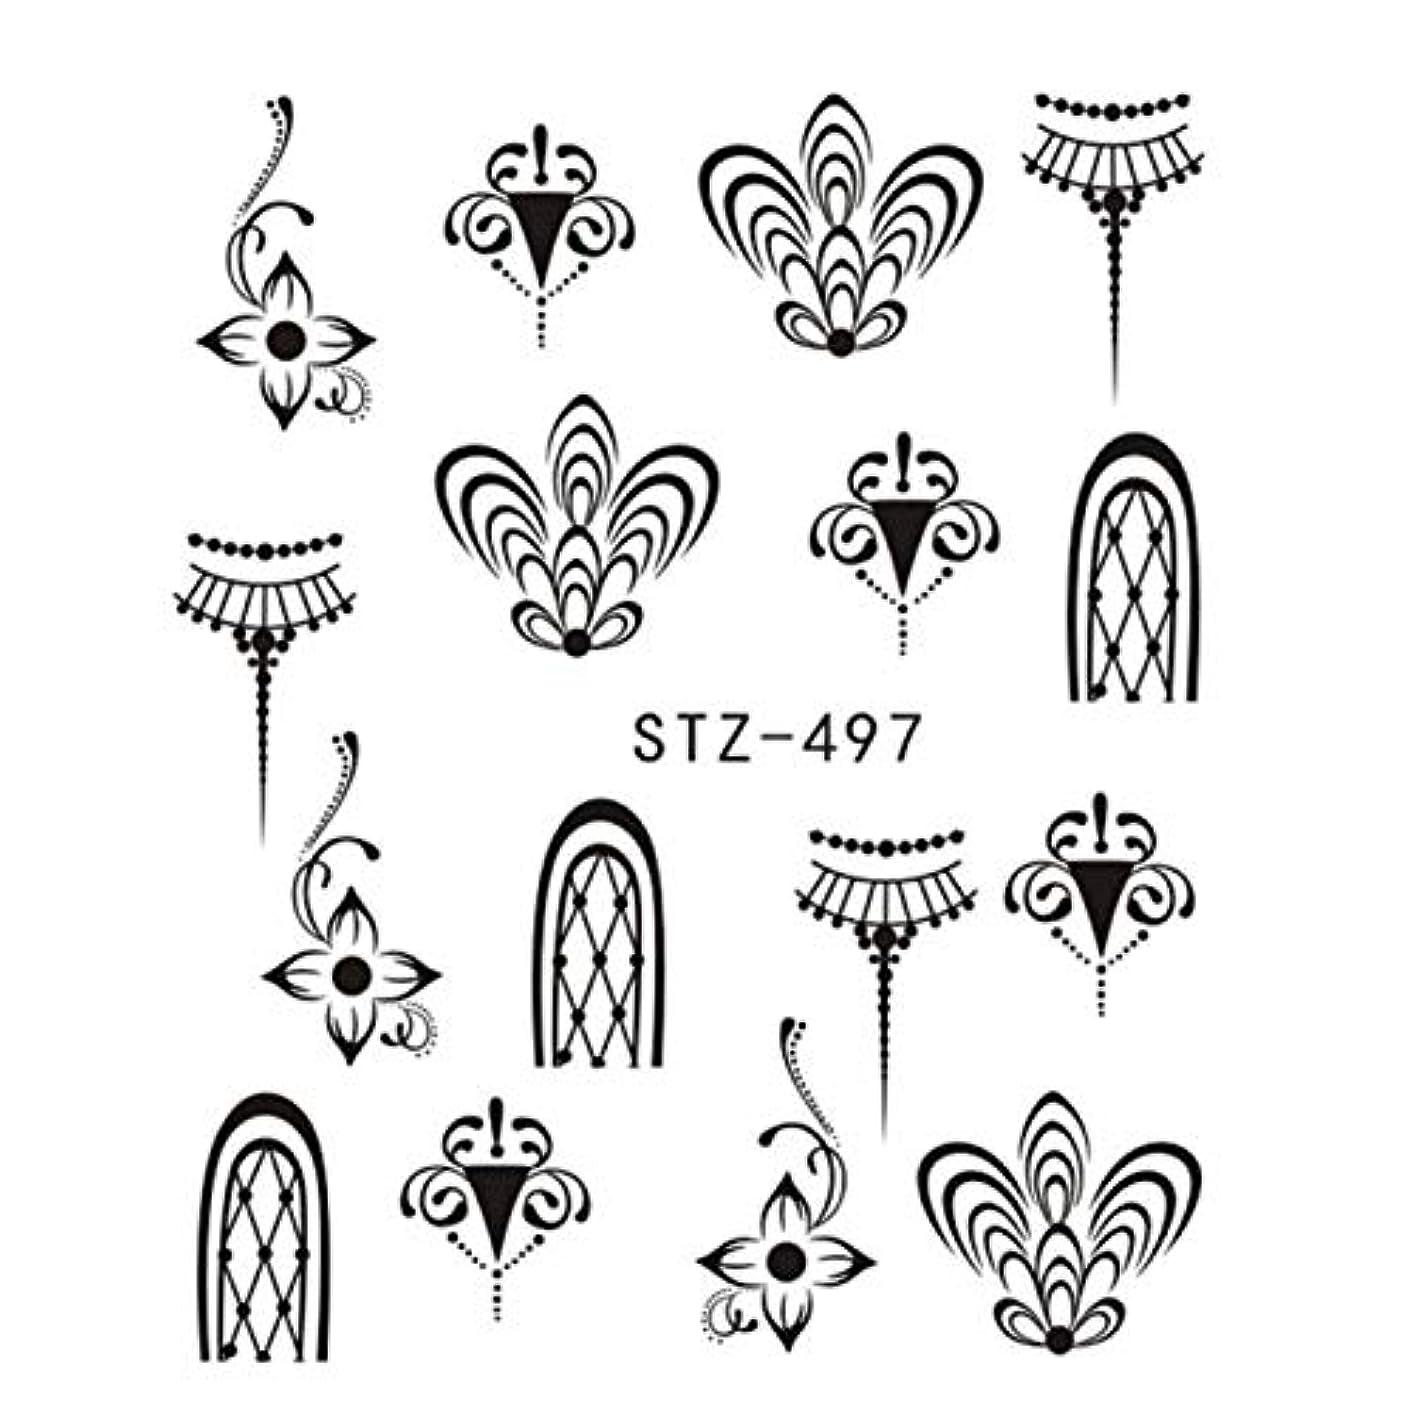 恵み努力する敬サリーの店 パステルデザインパターン新しい芸術芸術装飾芸術装飾芸術(None STZ497)